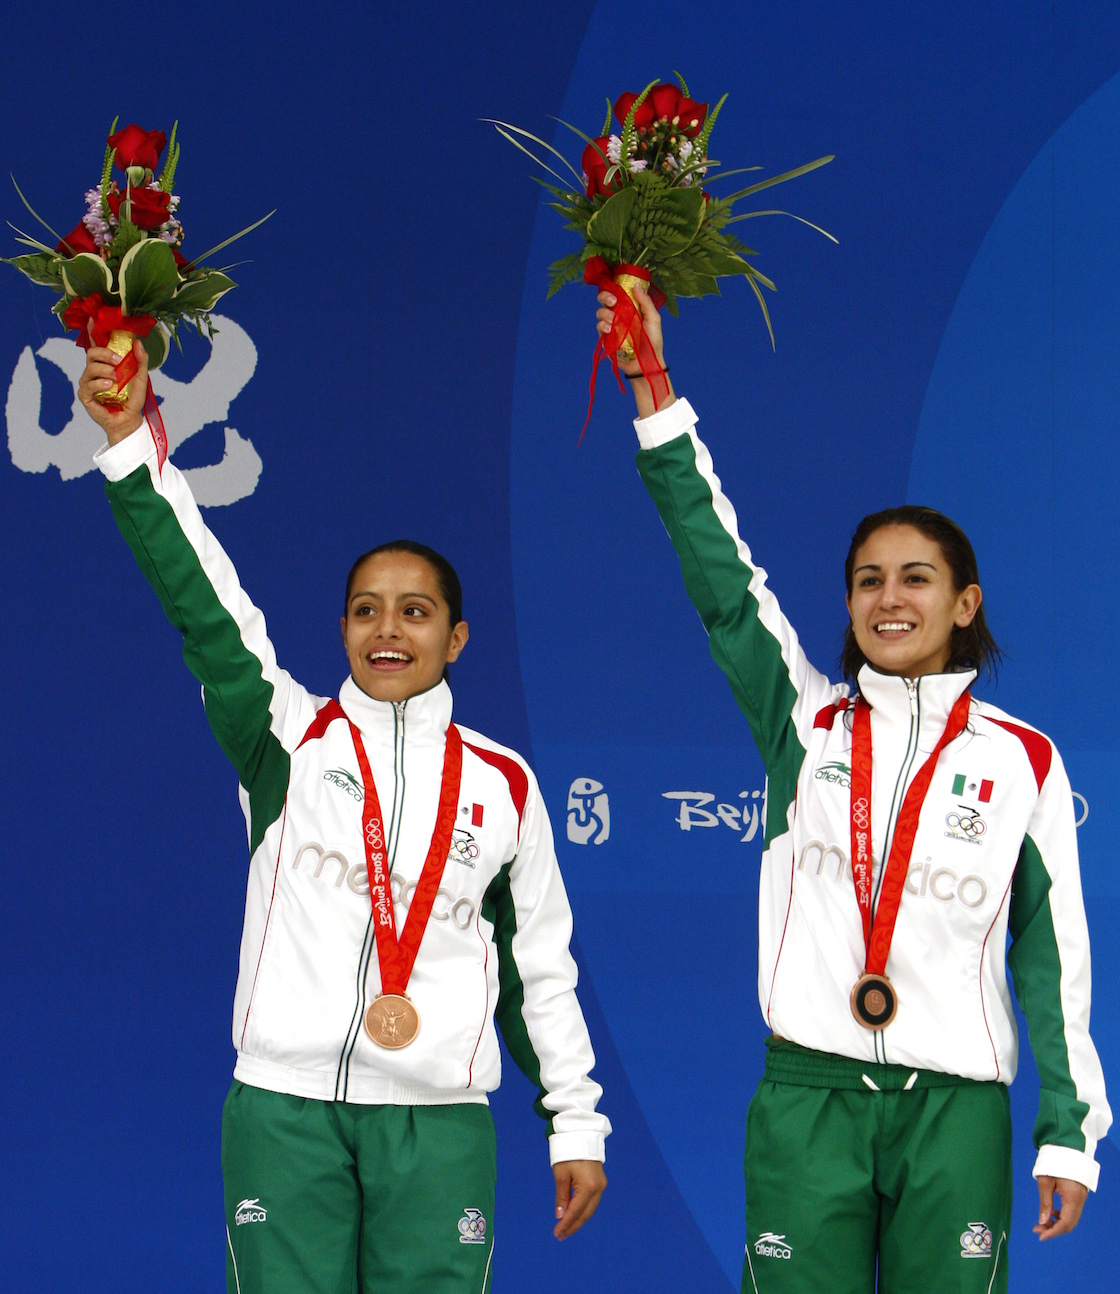 Paola Espinosa se queda fuera de los Juegos Olímpicos de Tokio 2020